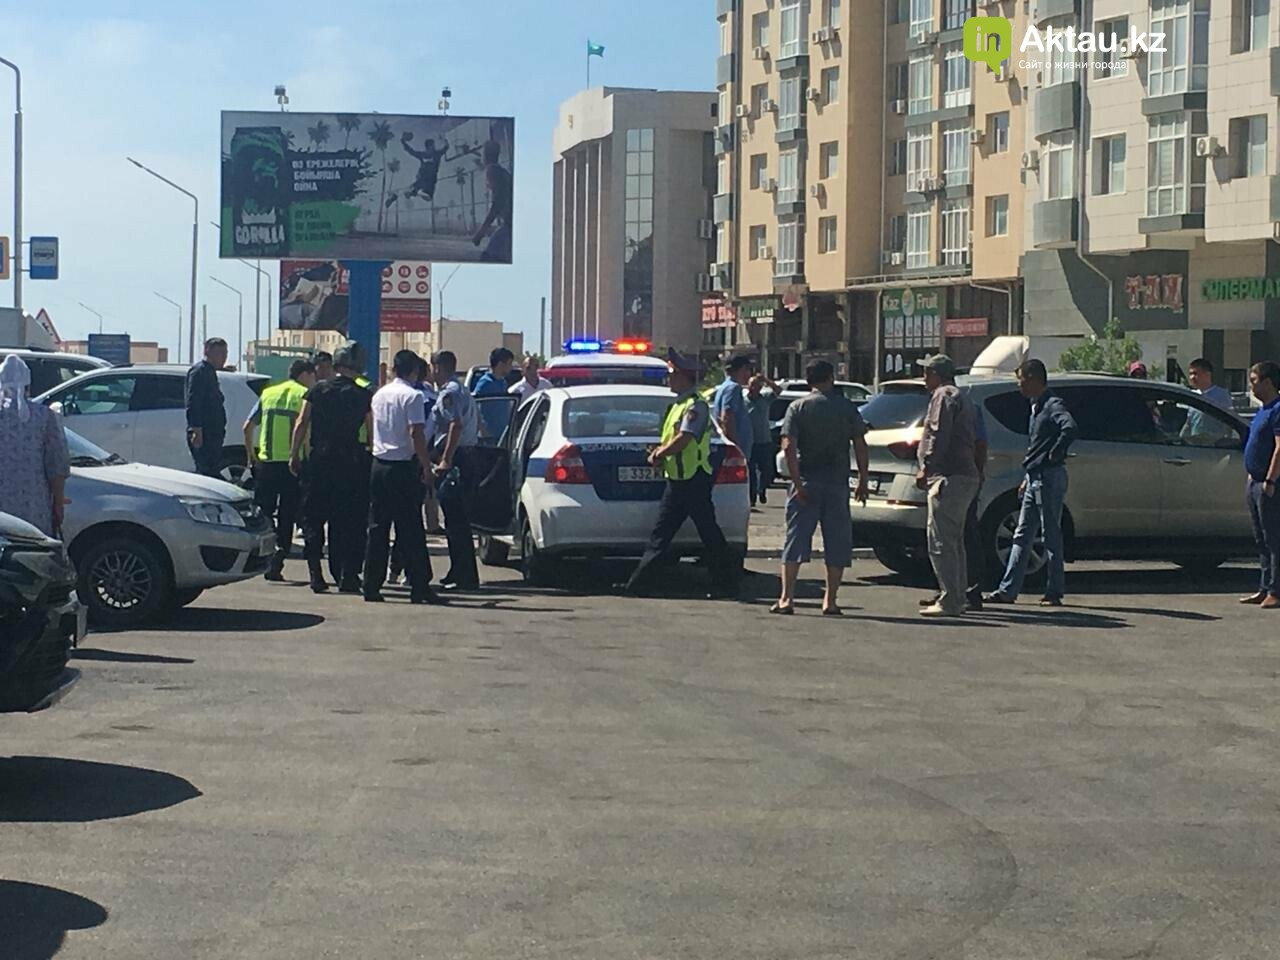 """Очевидцы: На отделение """"Цеснабанка"""" в Актау напали вооружённые люди (ДОПОЛНЕНО), фото-1"""